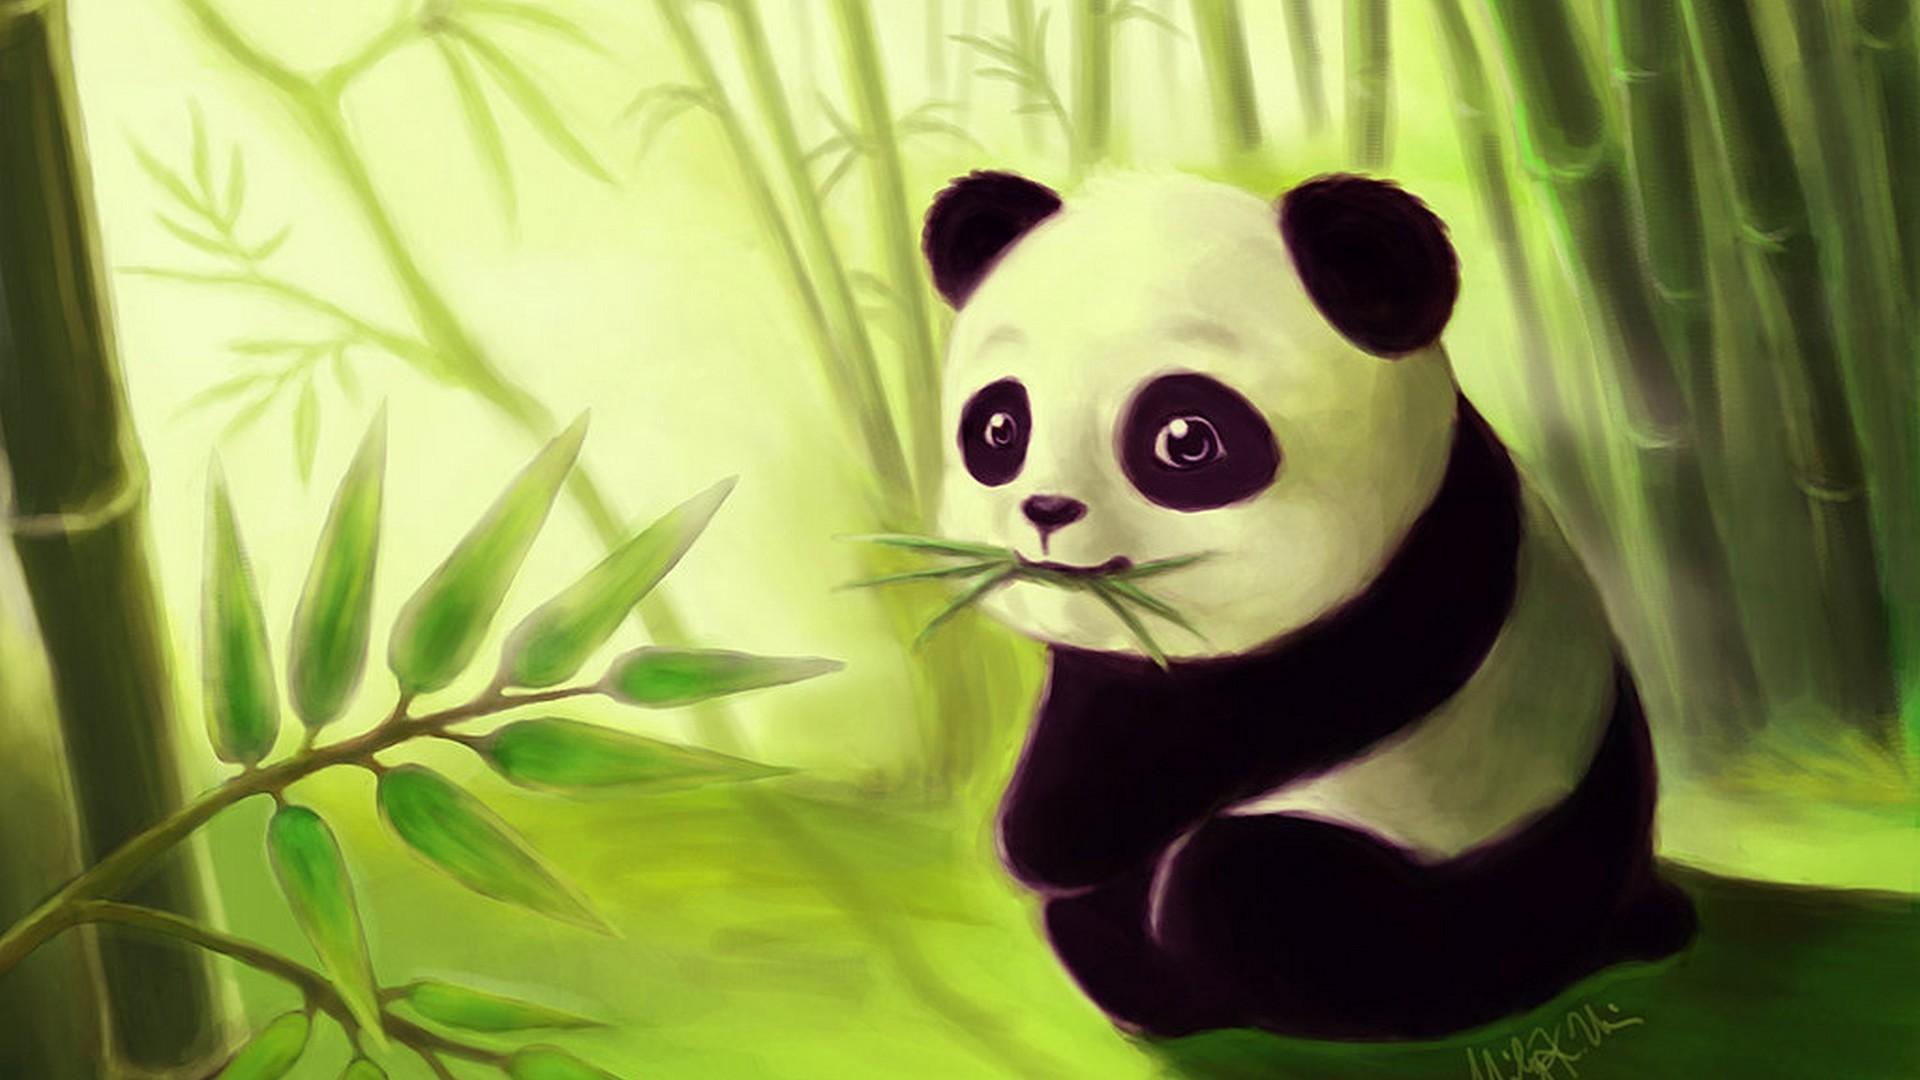 Cute Panda Wallpaper 80 Images